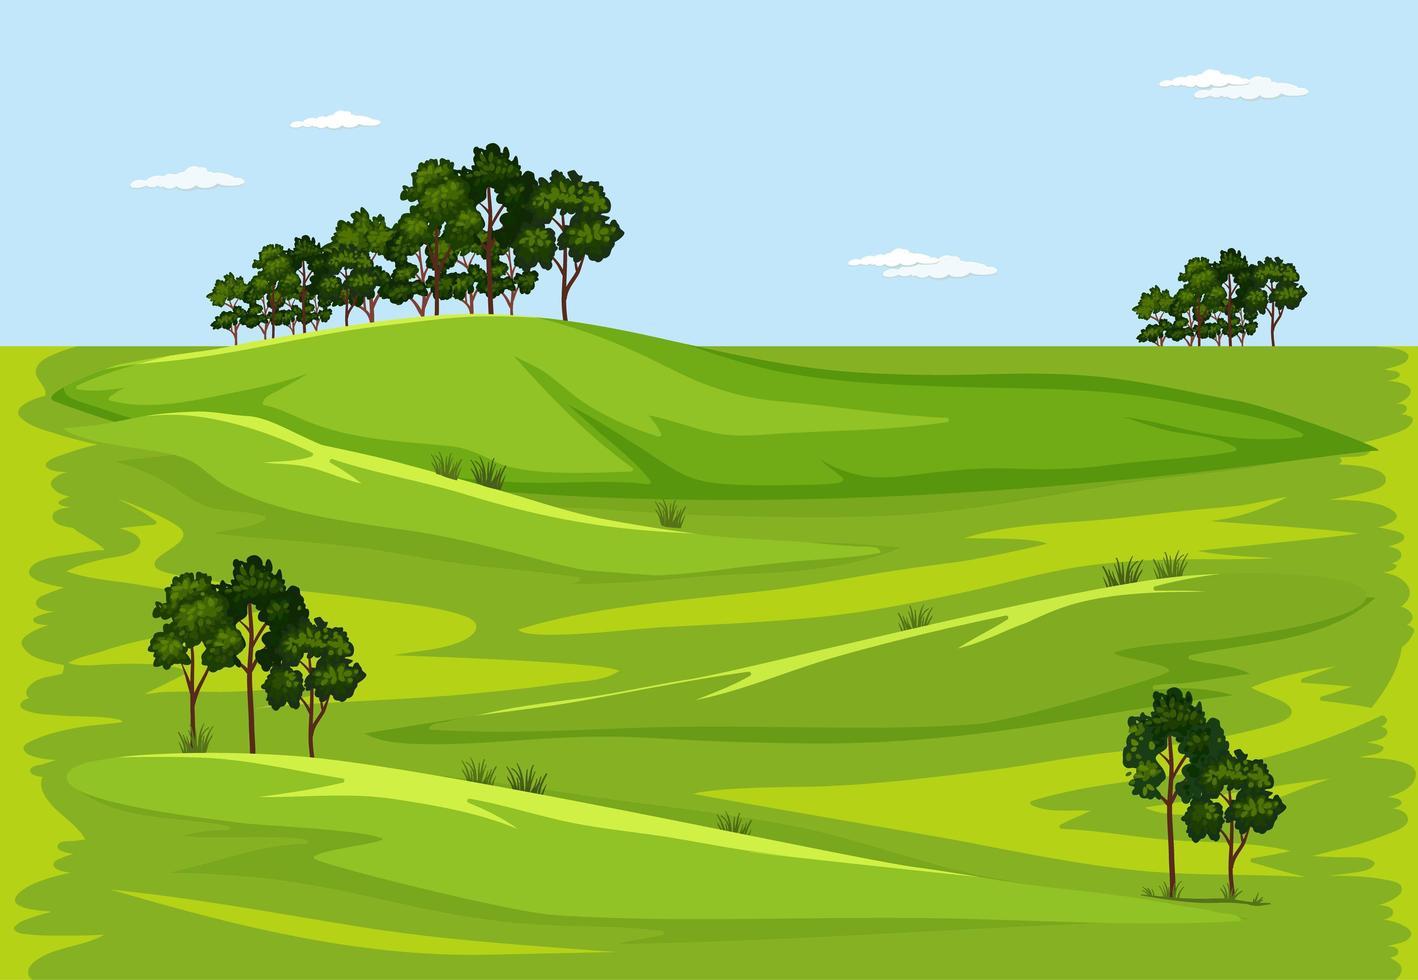 grön natur utomhus landskap vektor